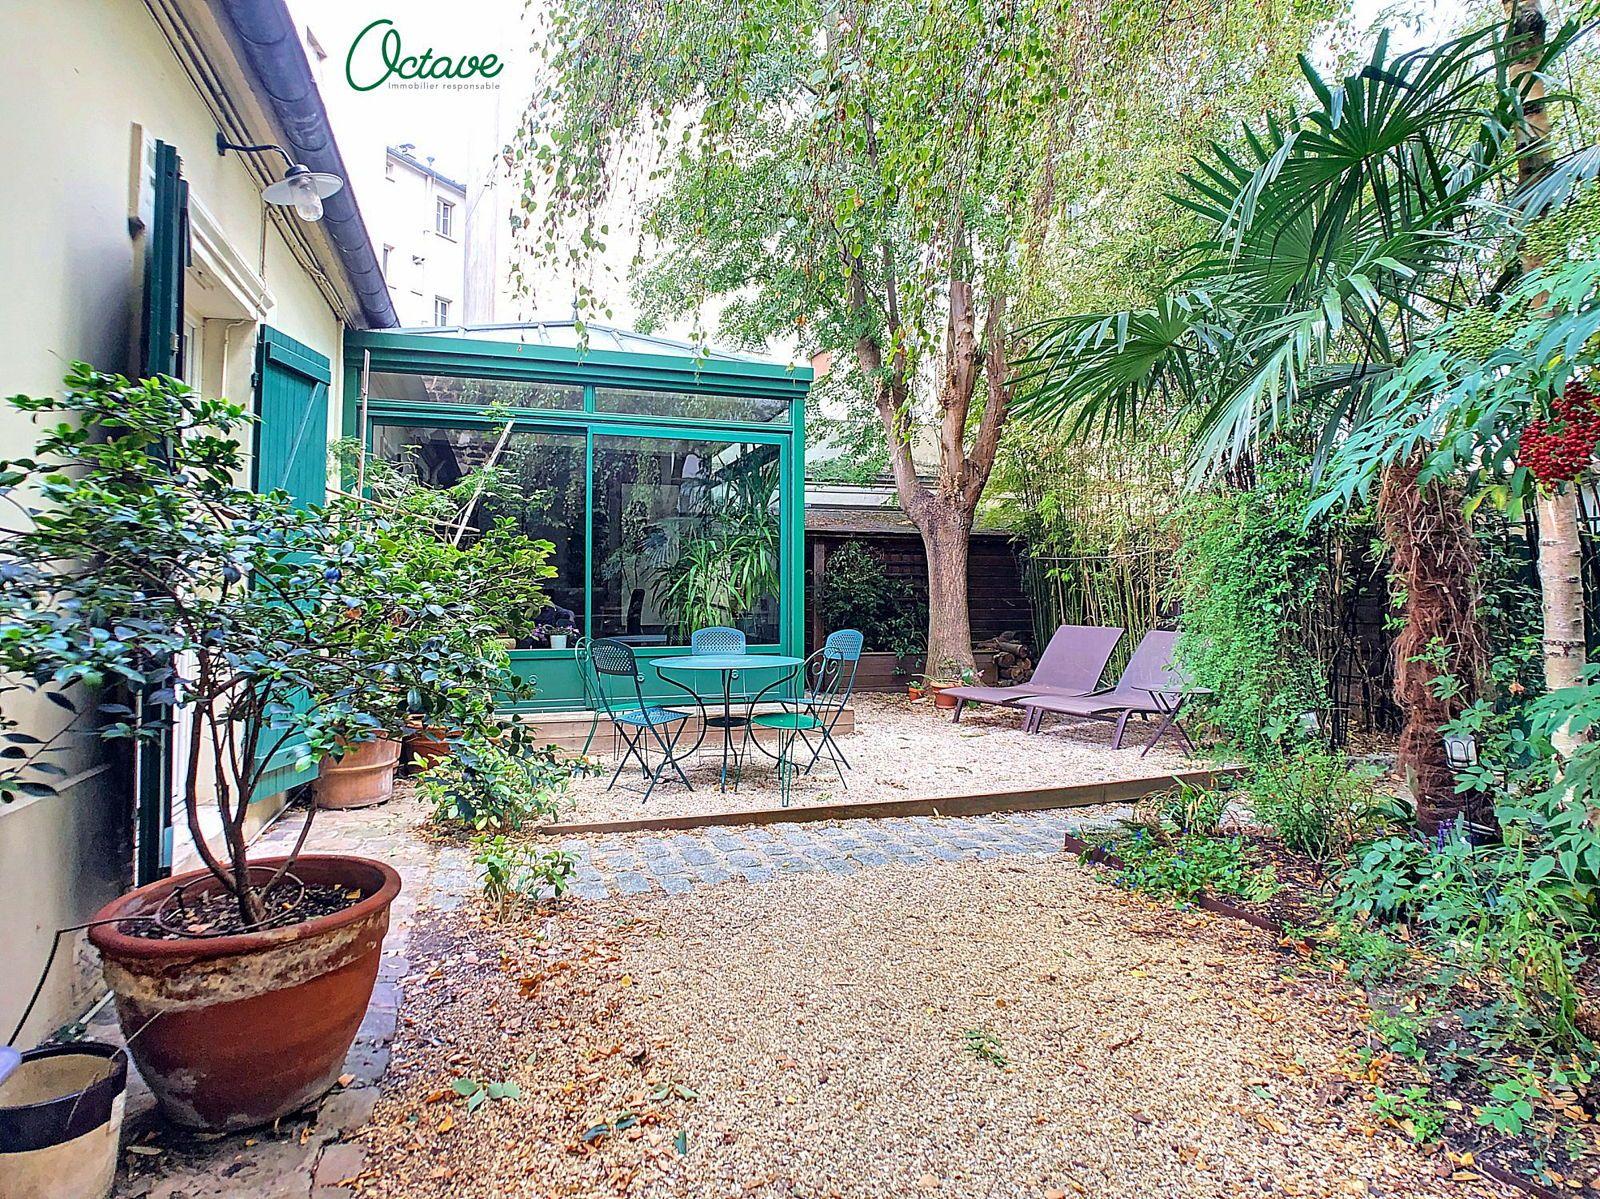 Vends Maison de ville avec 95m² de jardin- Paris 12ème - 3chambres